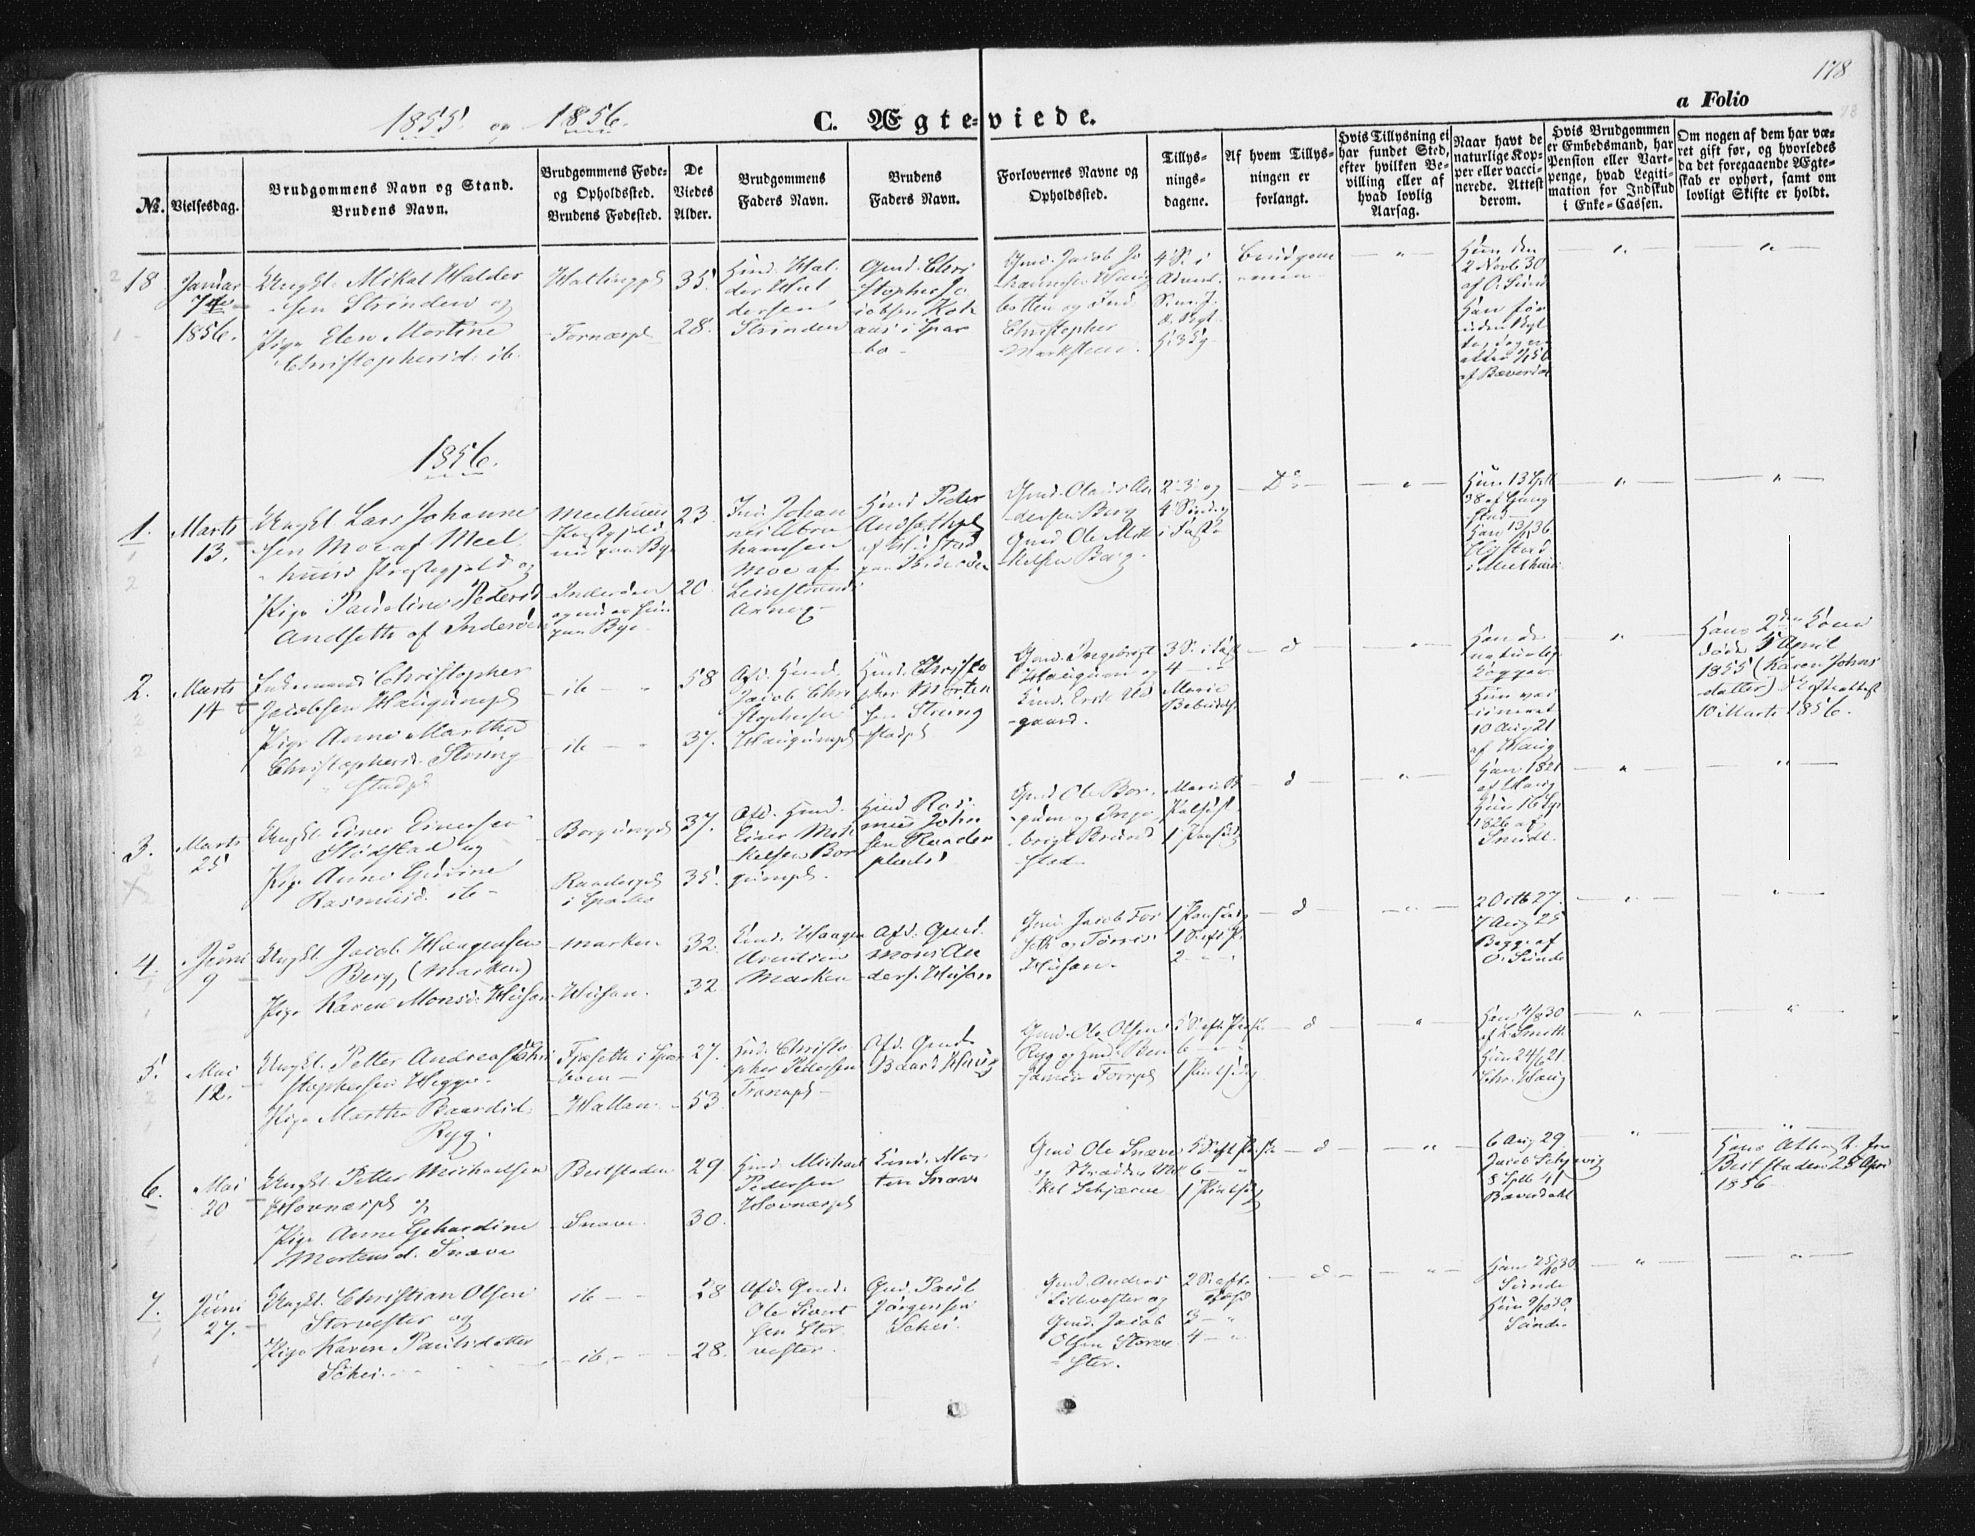 SAT, Ministerialprotokoller, klokkerbøker og fødselsregistre - Nord-Trøndelag, 746/L0446: Ministerialbok nr. 746A05, 1846-1859, s. 178